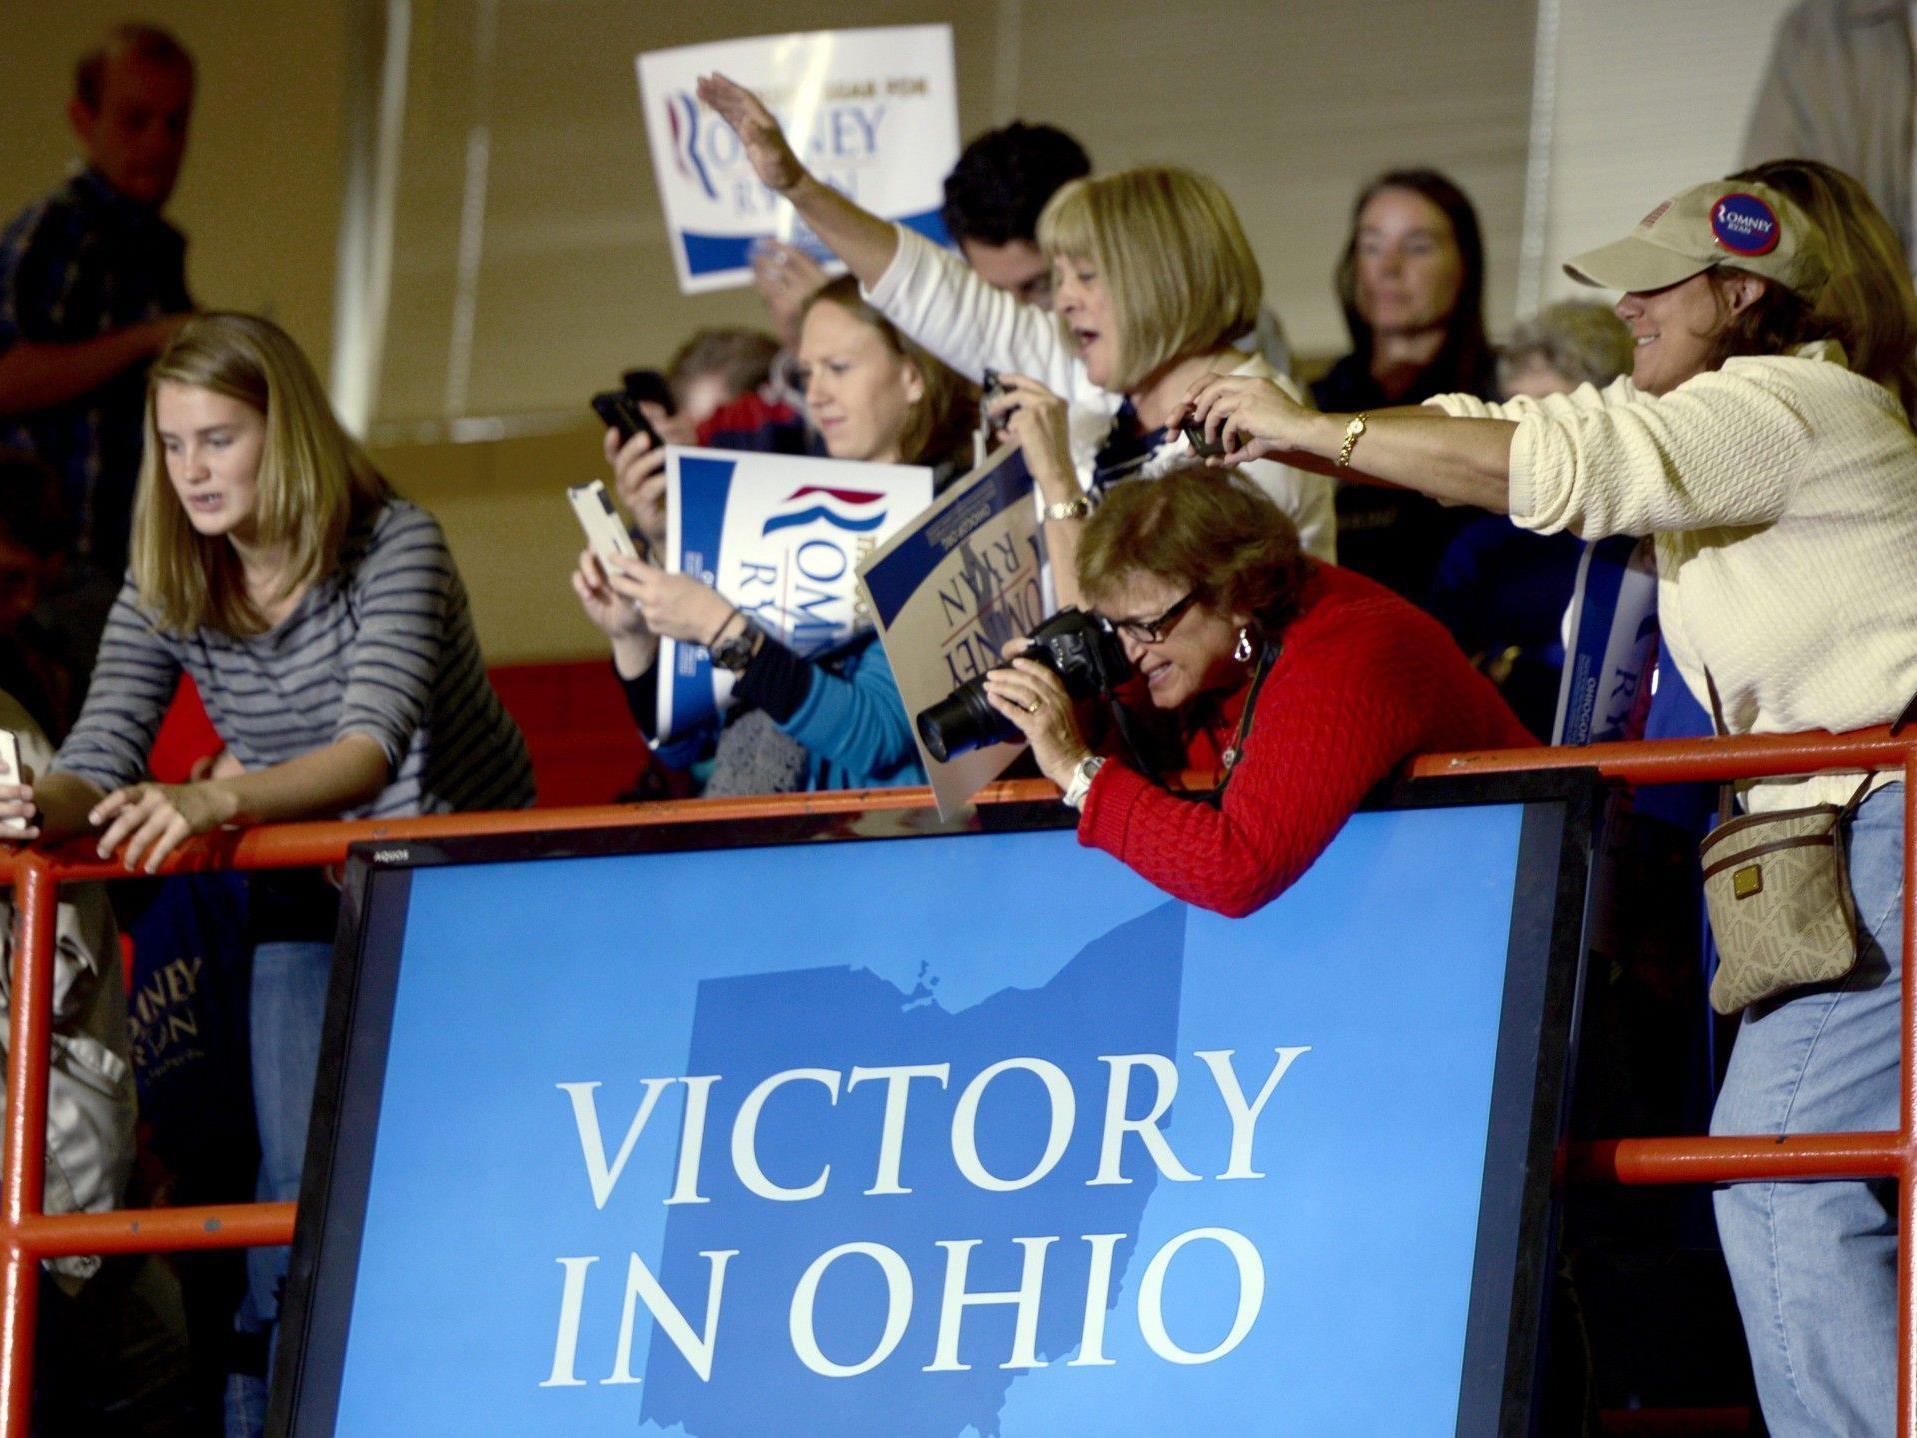 Die größte Sorge bereitet die Situation in Ohio, dem womöglich wahlentscheidenden Schlüsselstaat.